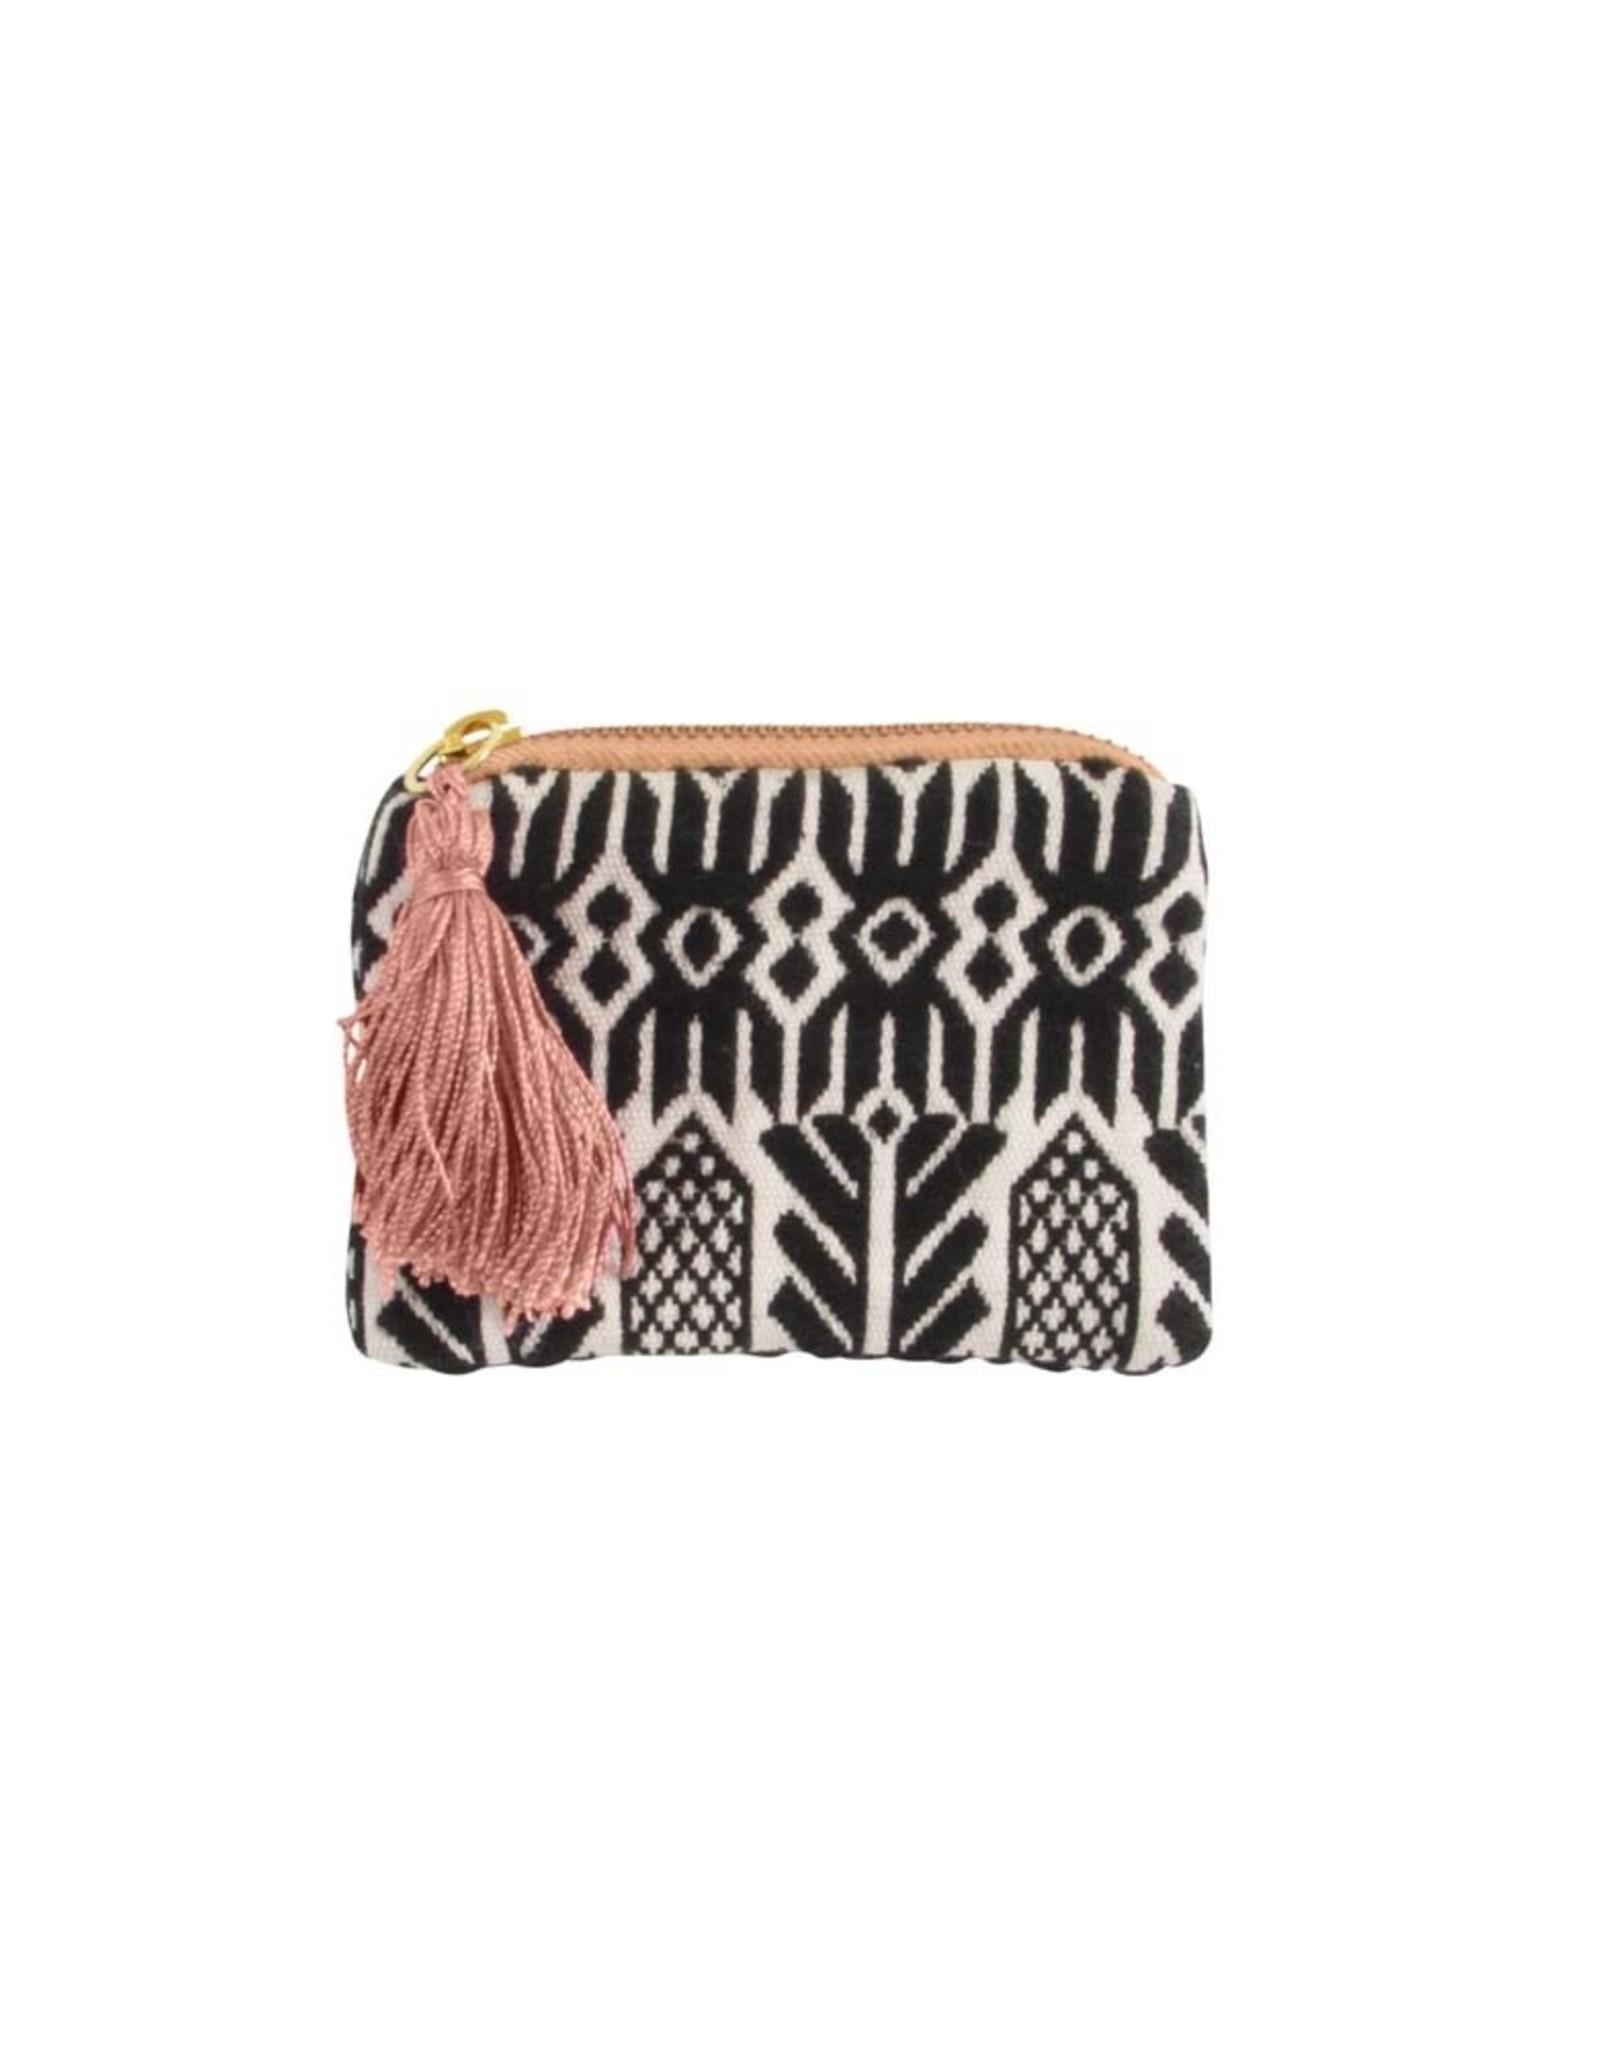 Wallet Cotton 8x12cm-black/white